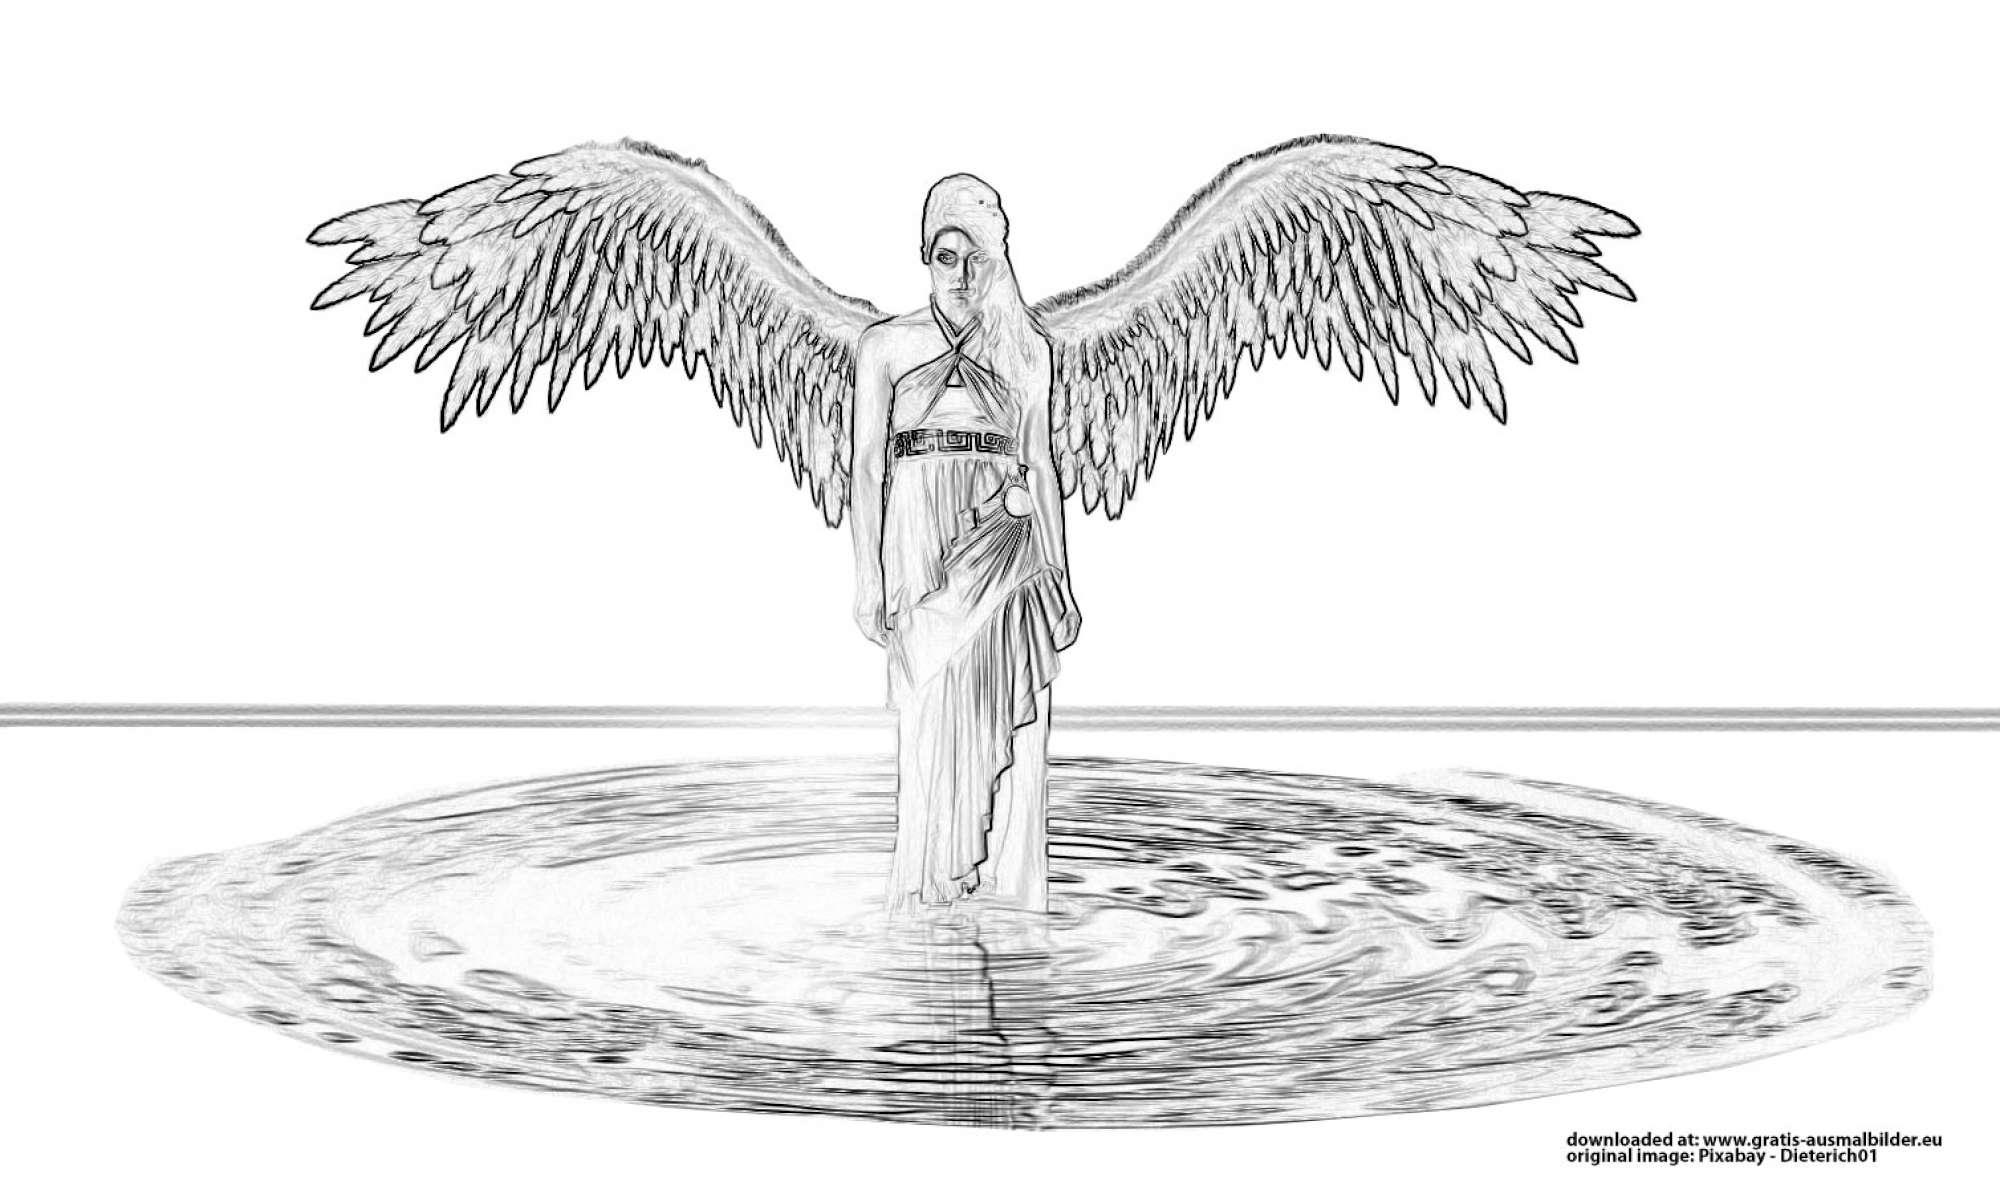 ▷ Engel im Wasser - Gratis Ausmalbild